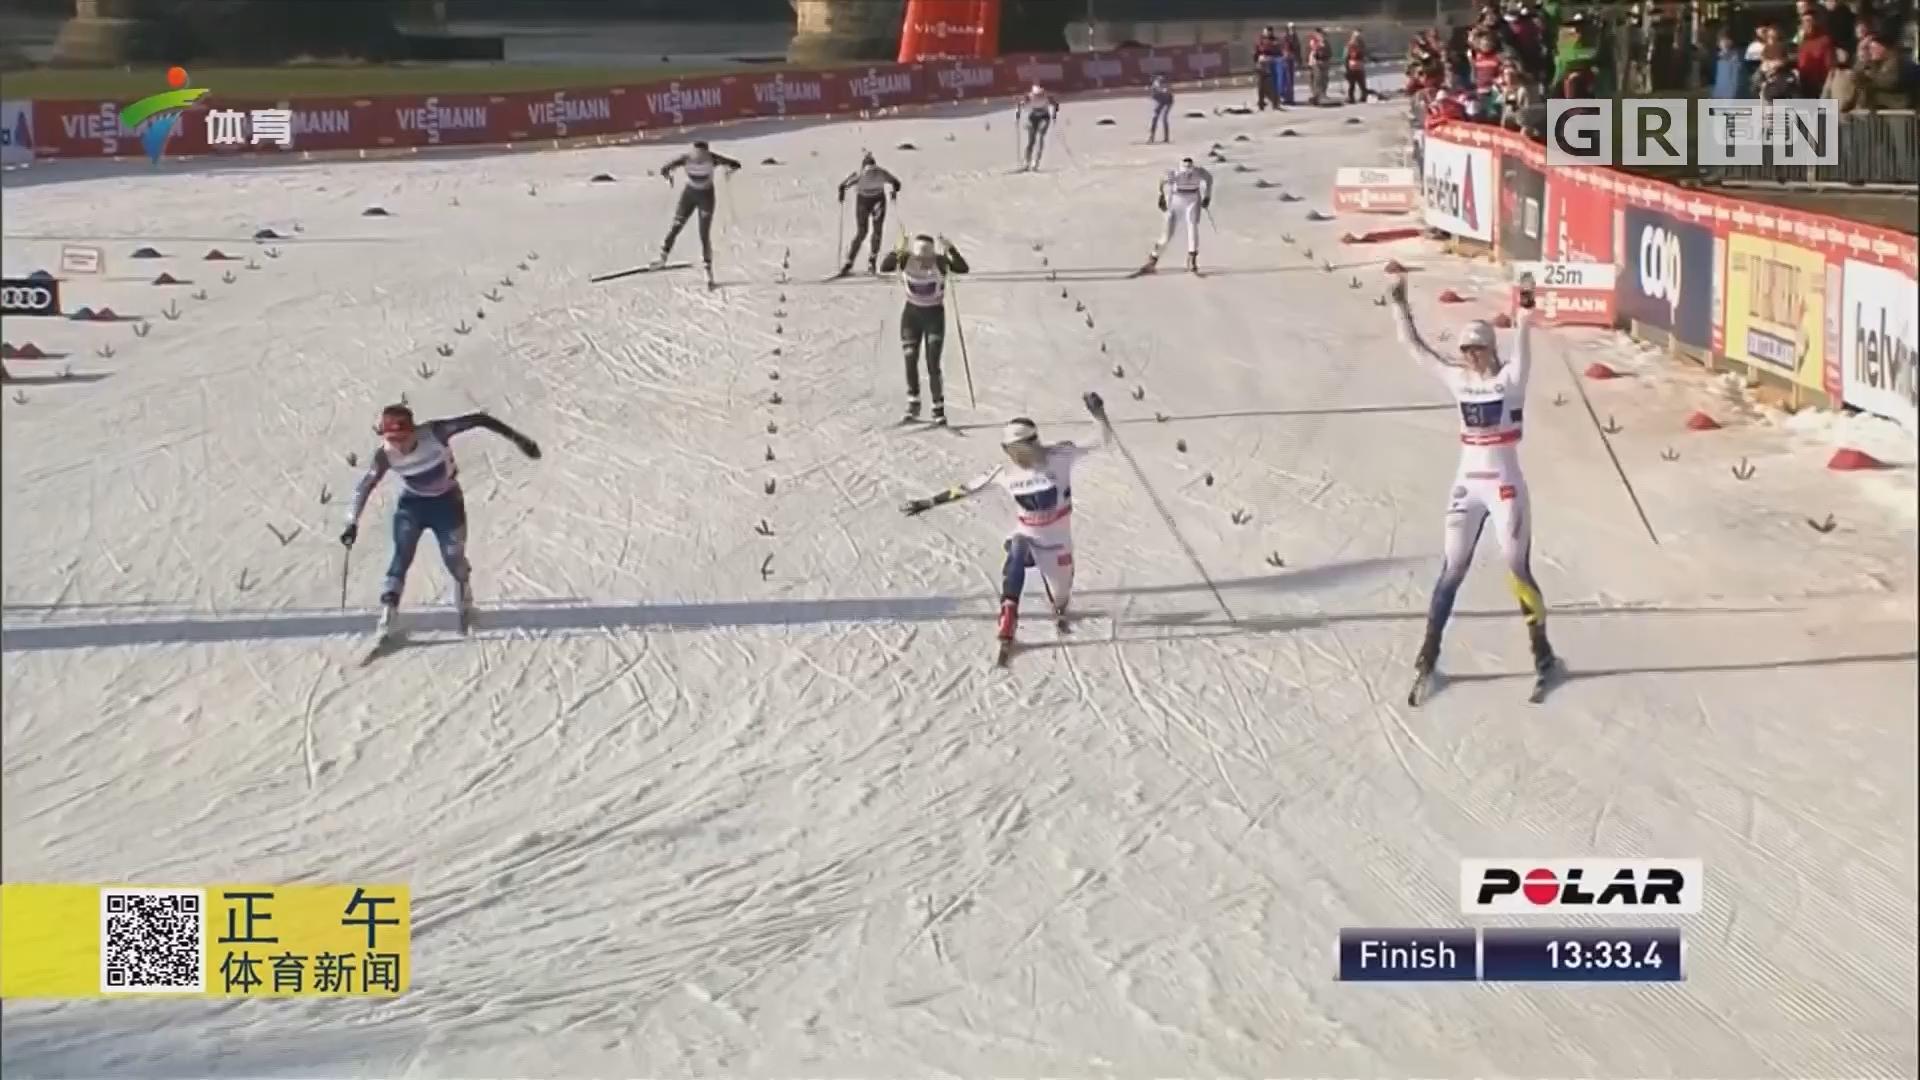 越野滑雪世界杯 意大利夺男子团体冠军